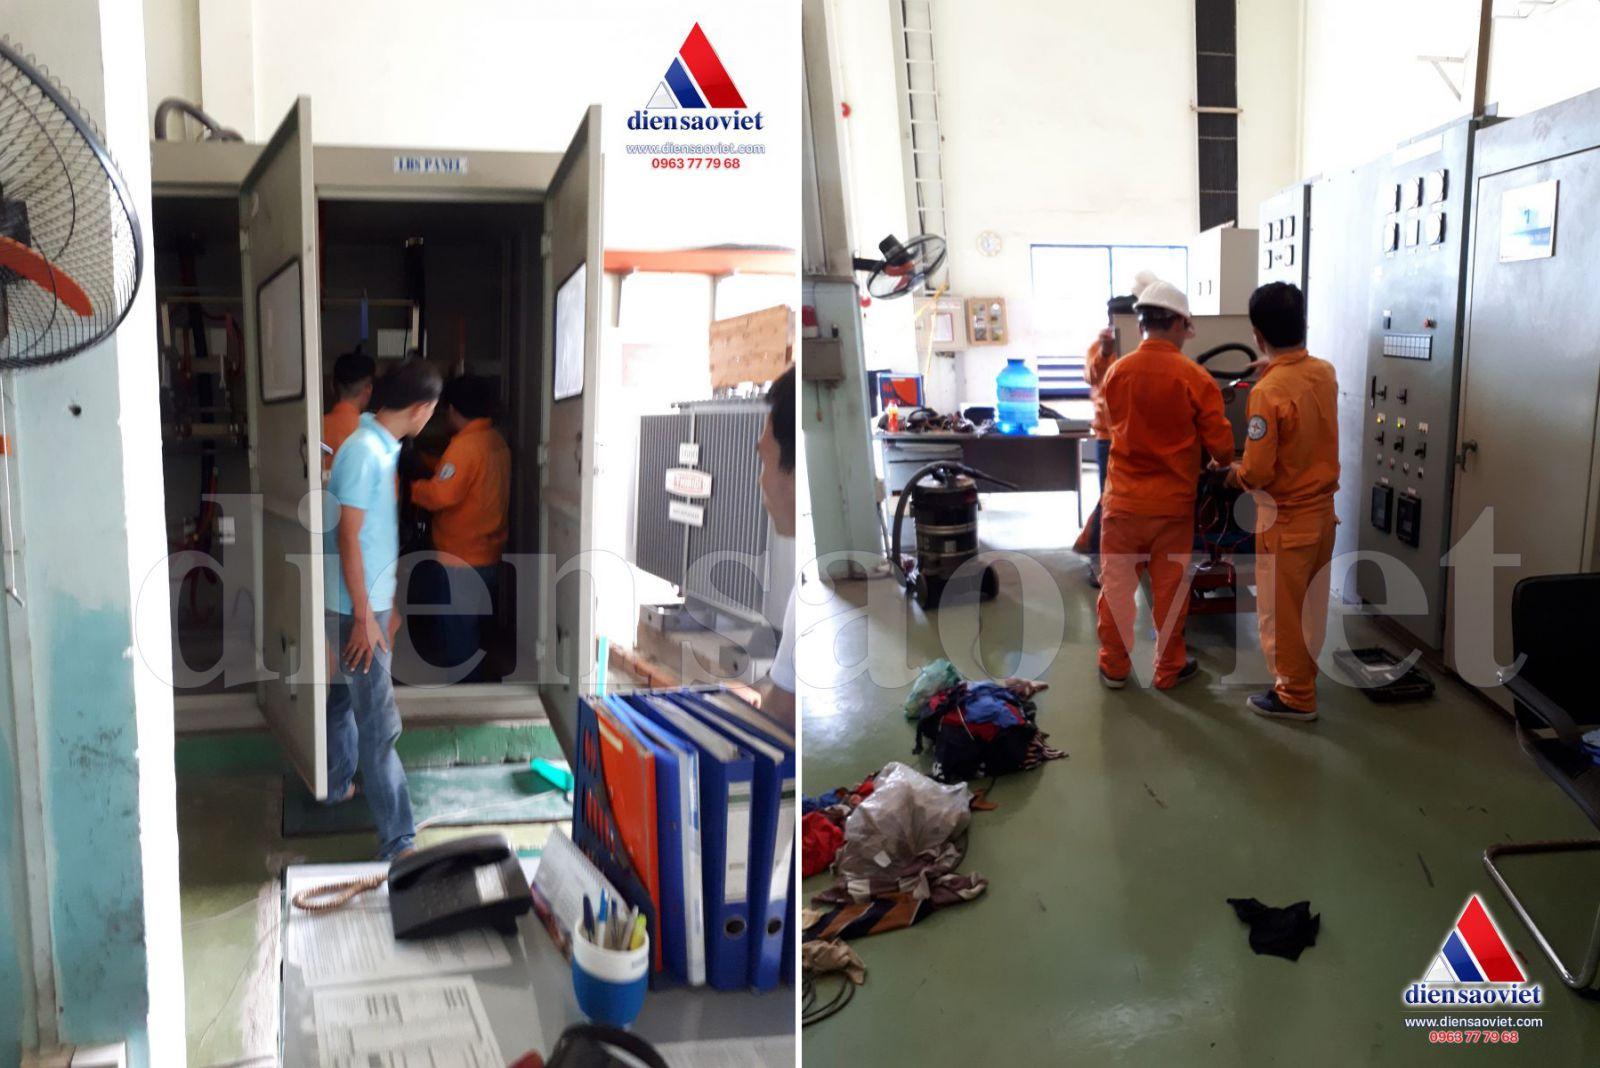 Thí nghiệm máy biến áp - Công ty TNHH MTV Điện Sao Việt